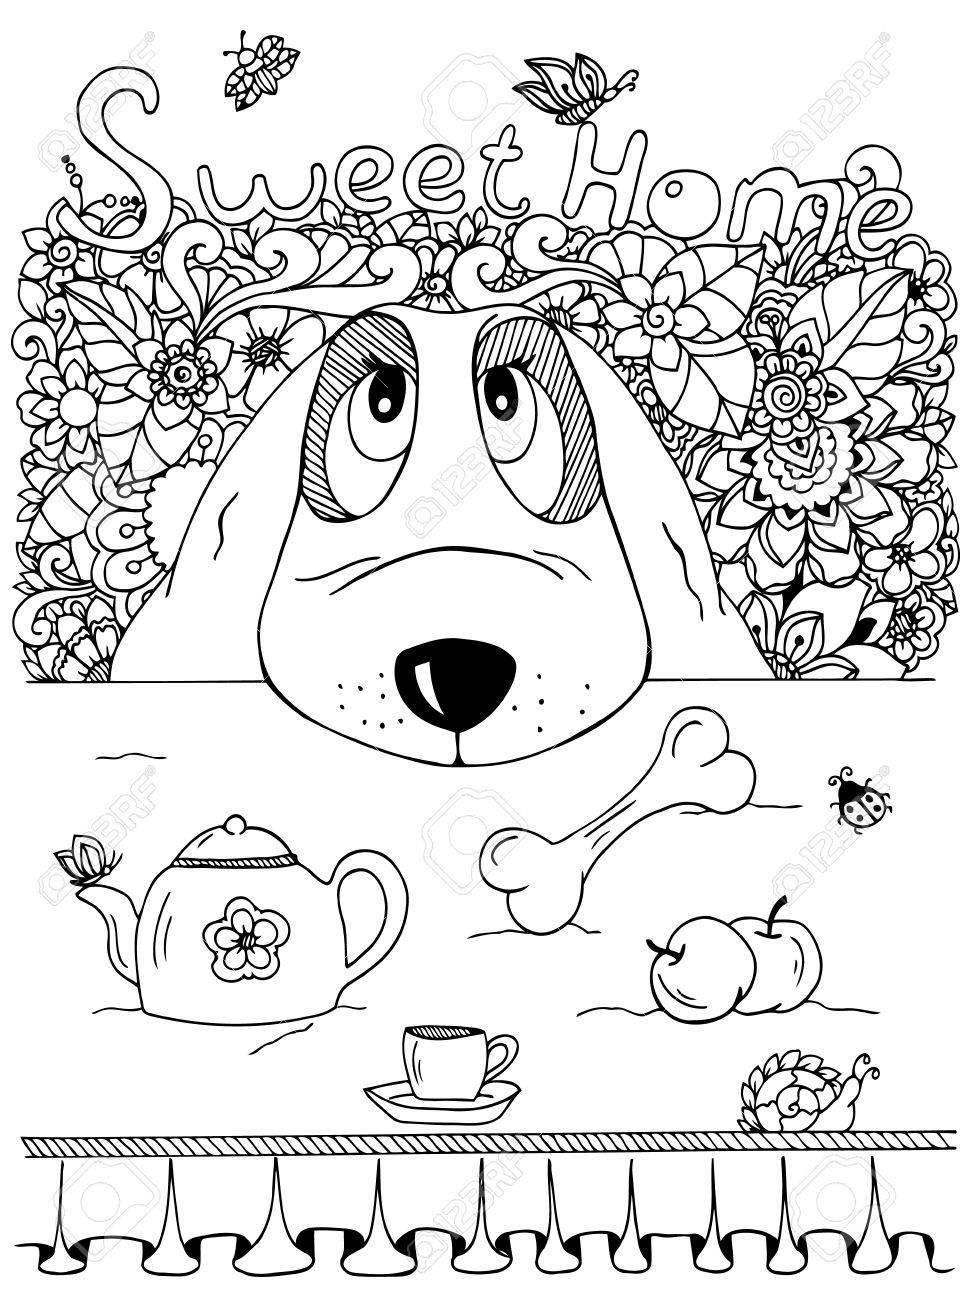 Vektor-Illustration Zentangl, Hund Und Küchentisch. Doodle Blumen ...